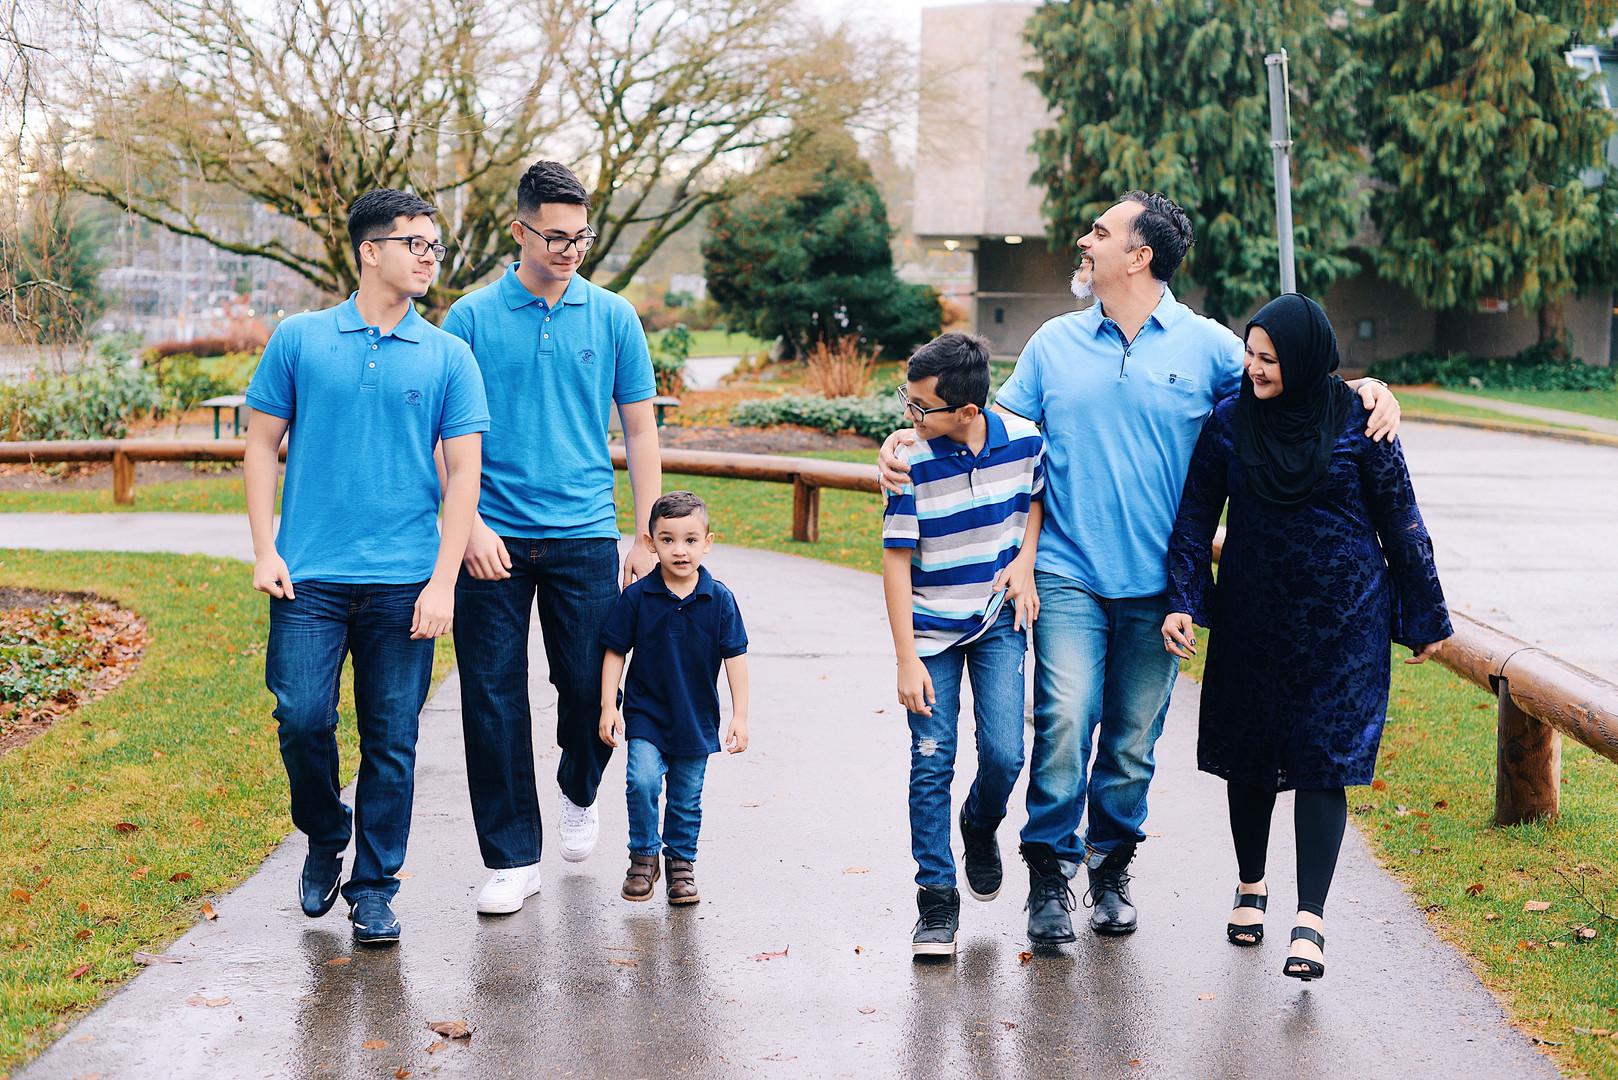 Family Walk Photo